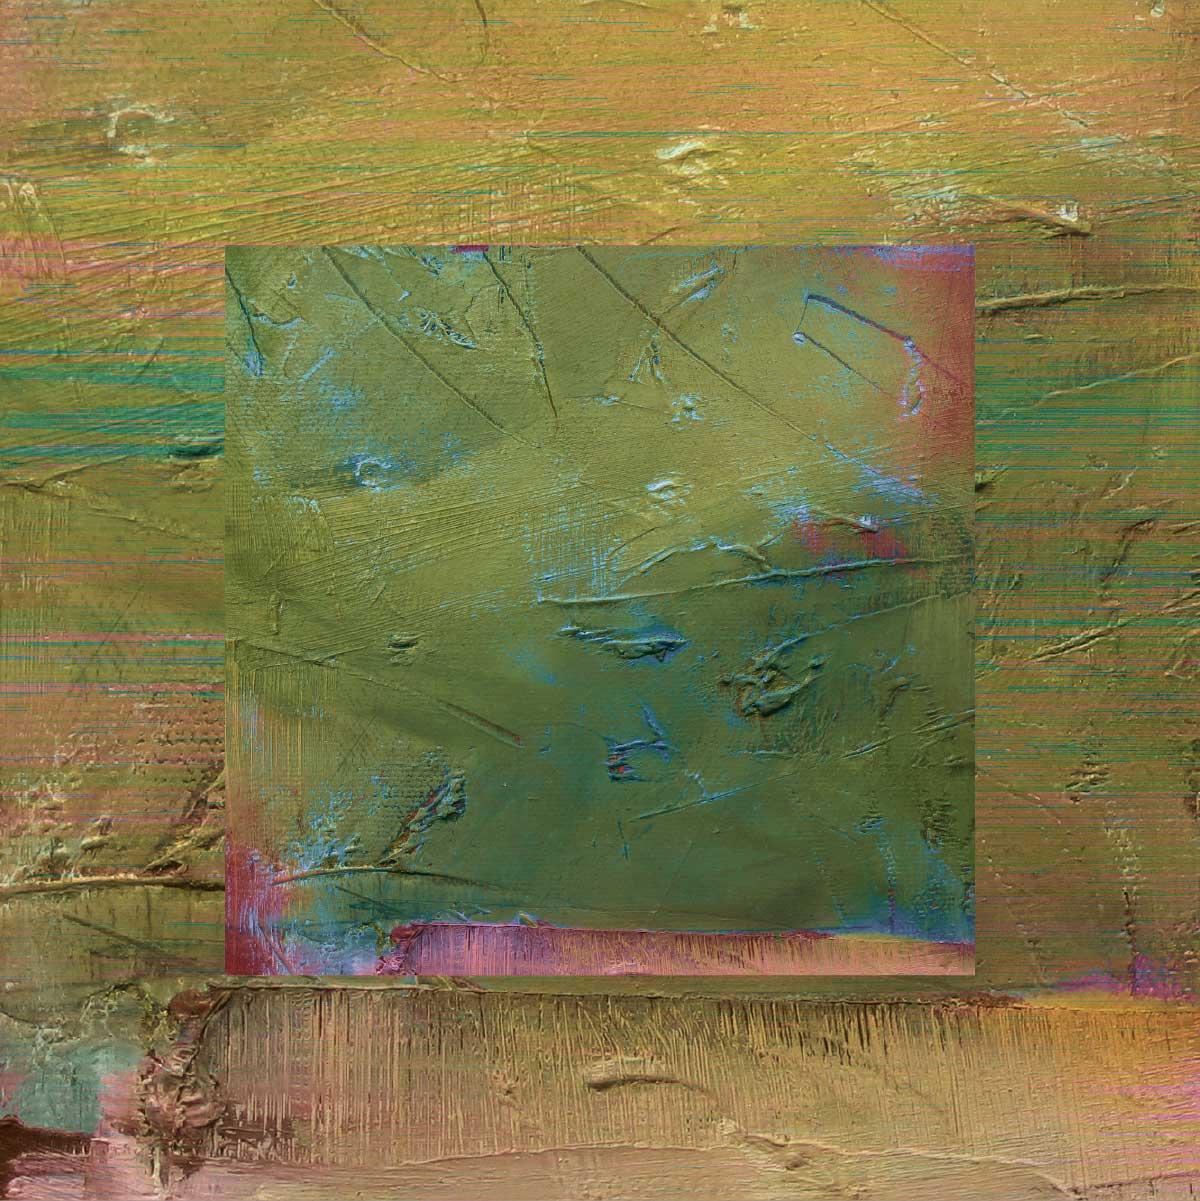 s-glitch_06-14_oil2-14